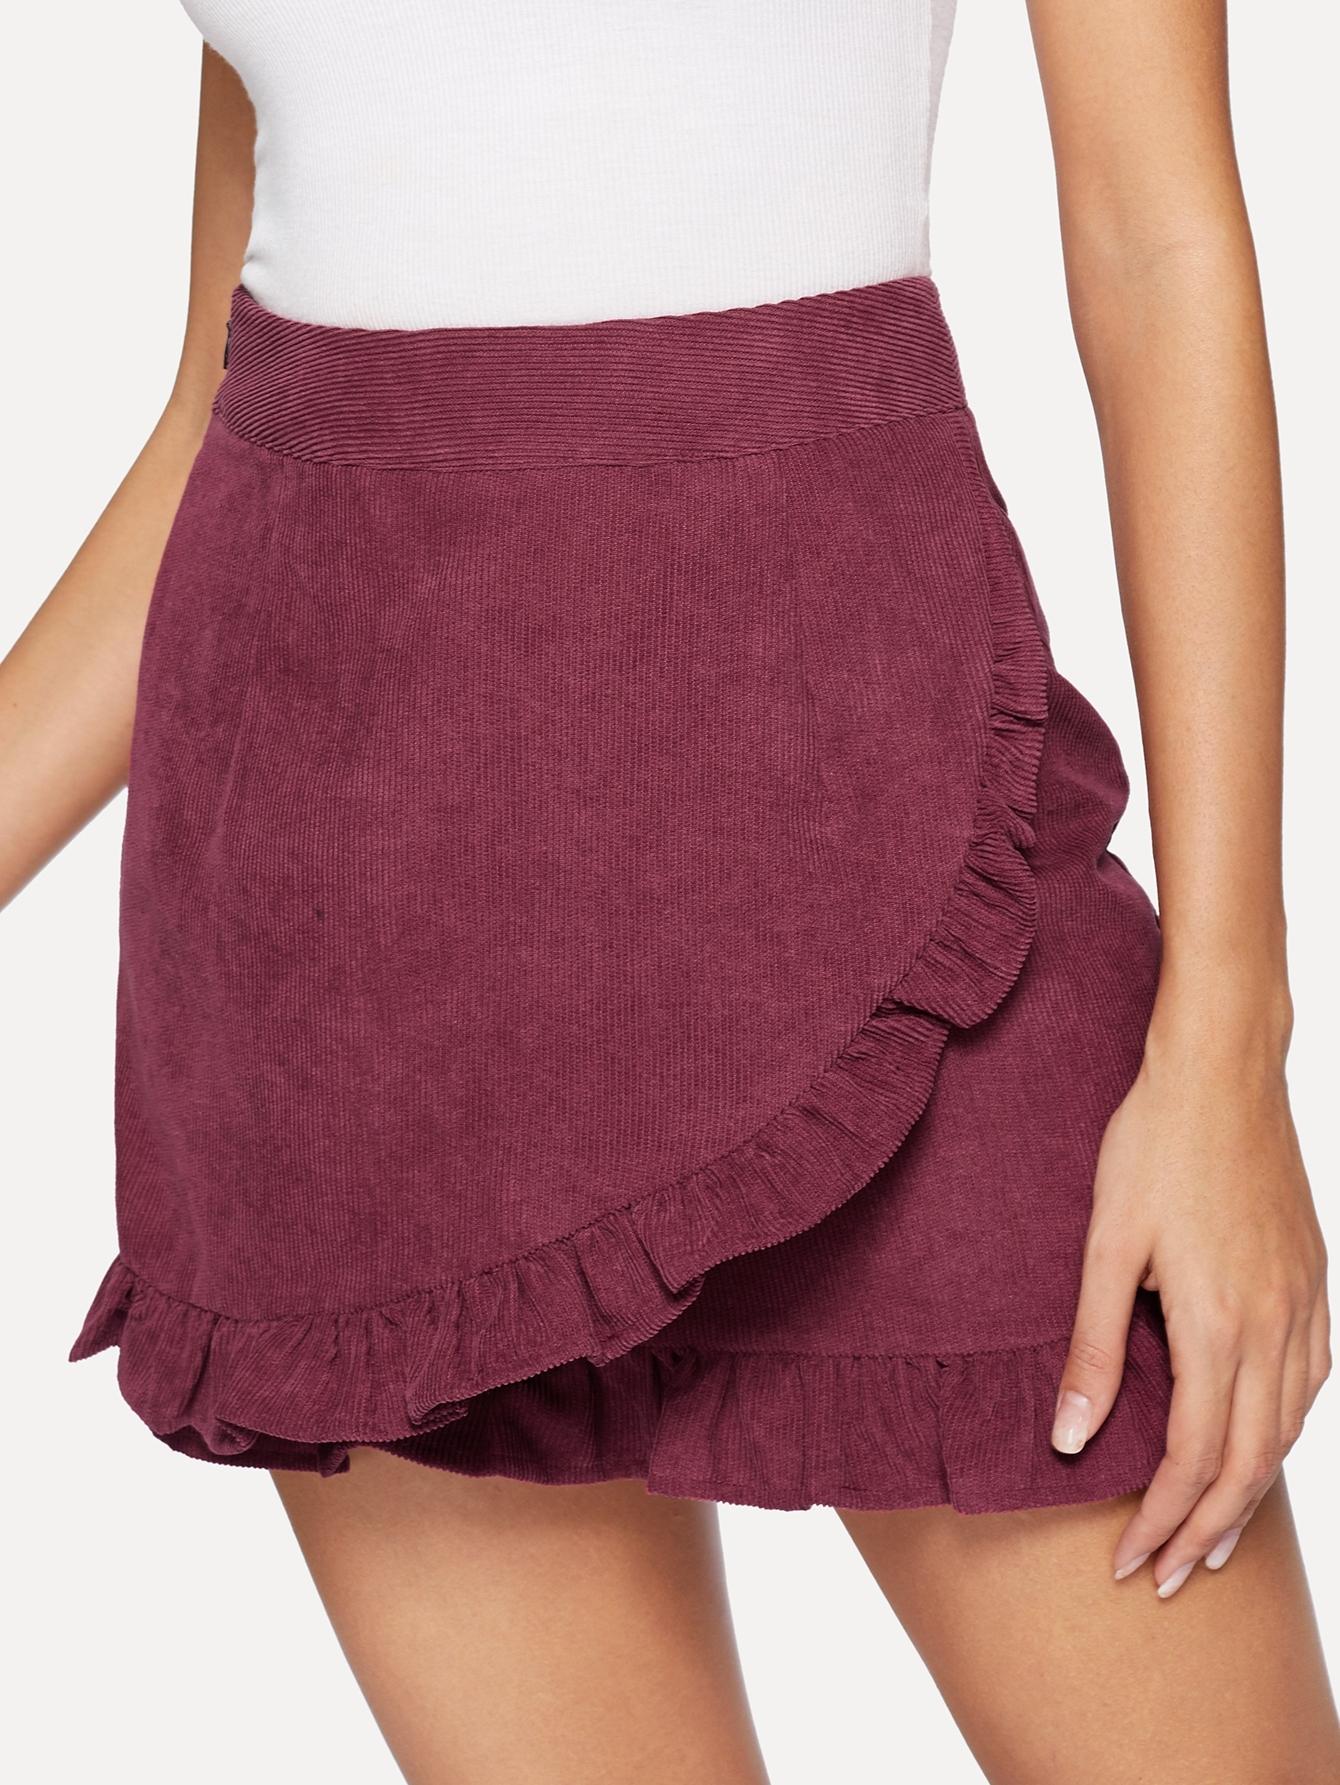 Купить Вельветовая облегающая юбка с оборками, Giulia, SheIn